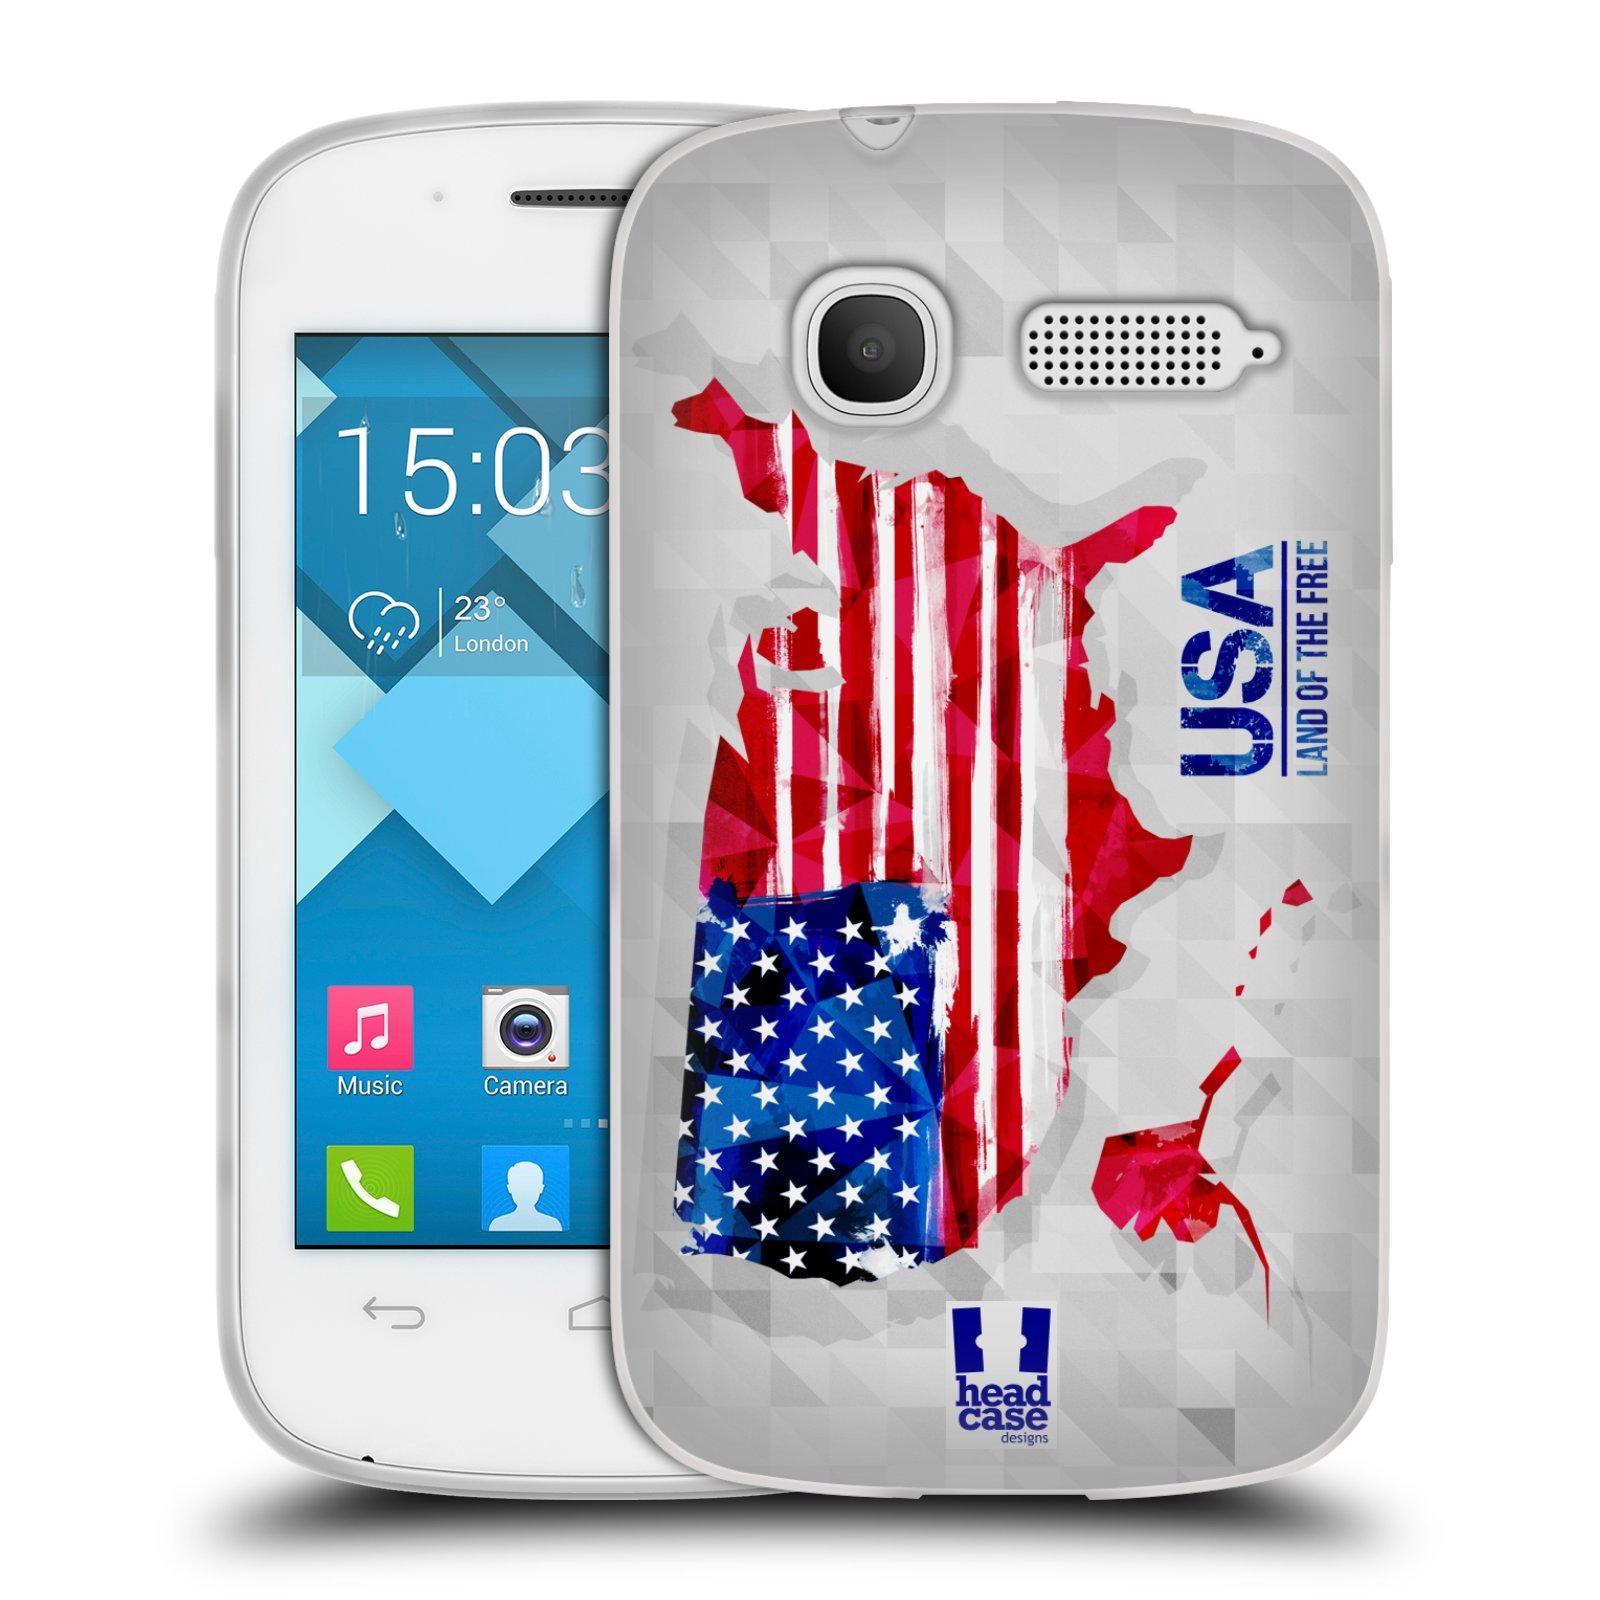 Silikonové pouzdro na mobil Alcatel One Touch Pop C1 HEAD CASE GEOMAPA USA (Silikonový kryt či obal na mobilní telefon Alcatel OT-4015D POP C1)